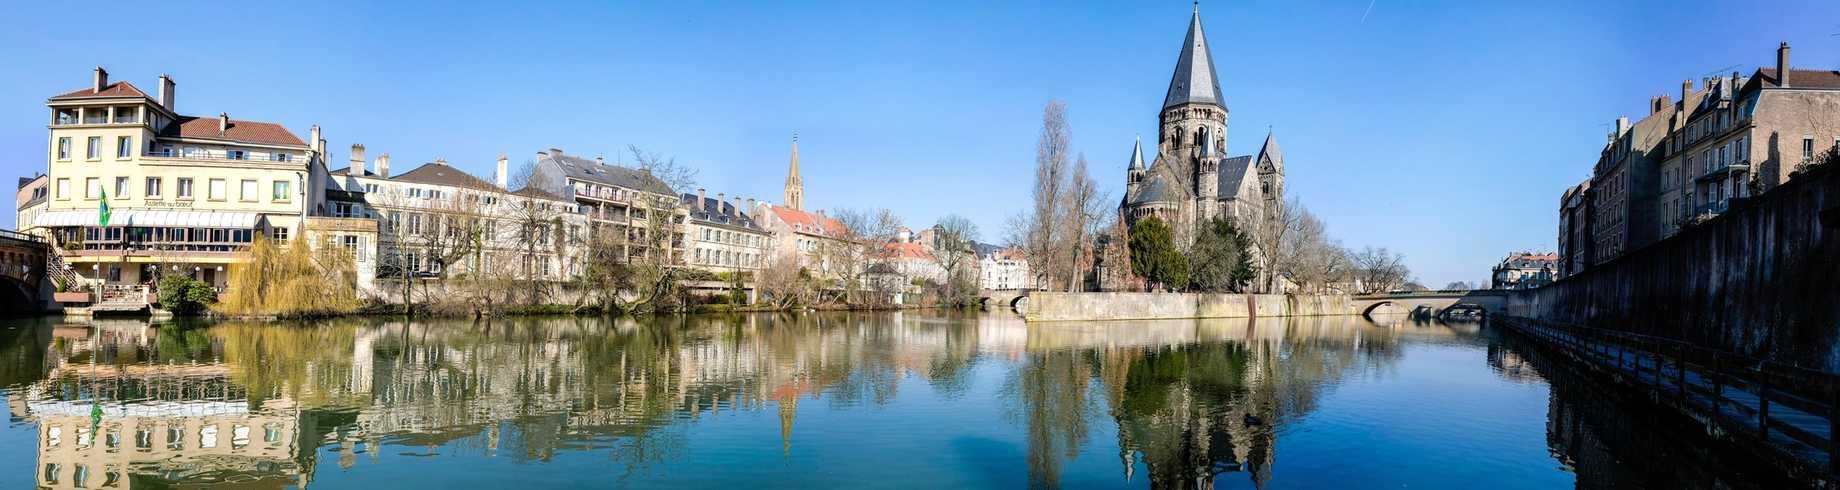 Vue sur la Moselle à Metz